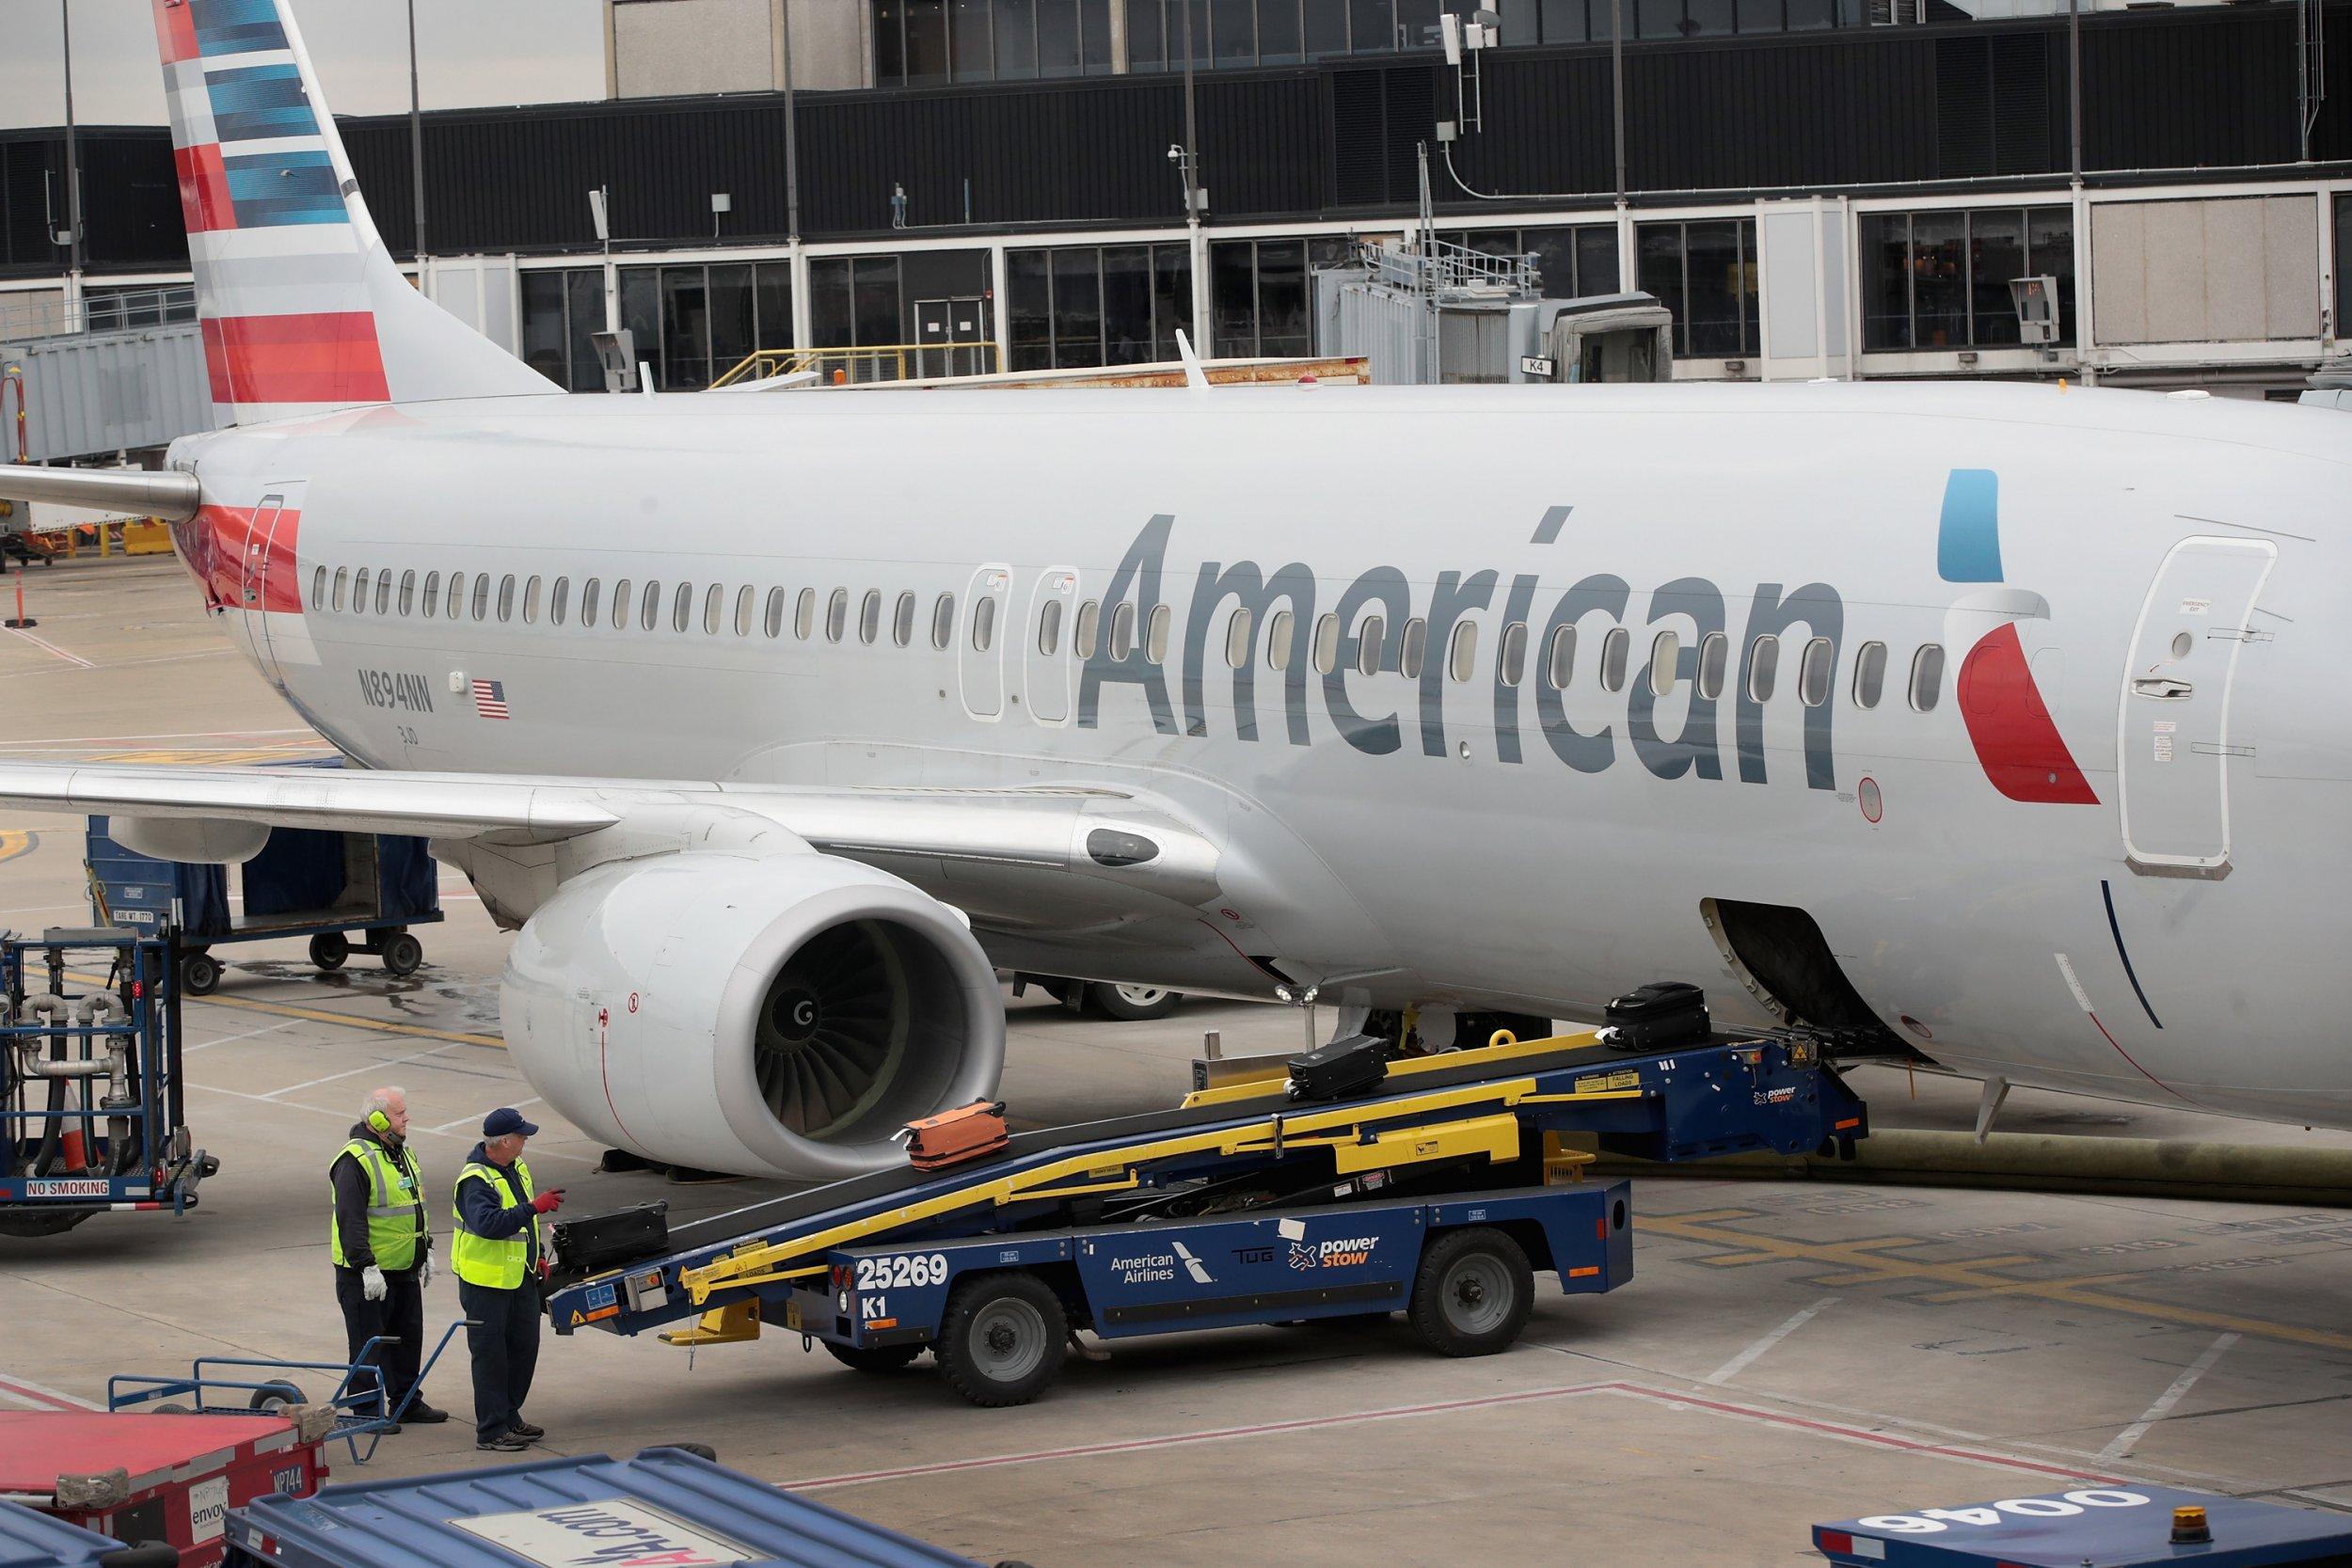 American Airlines aricraft